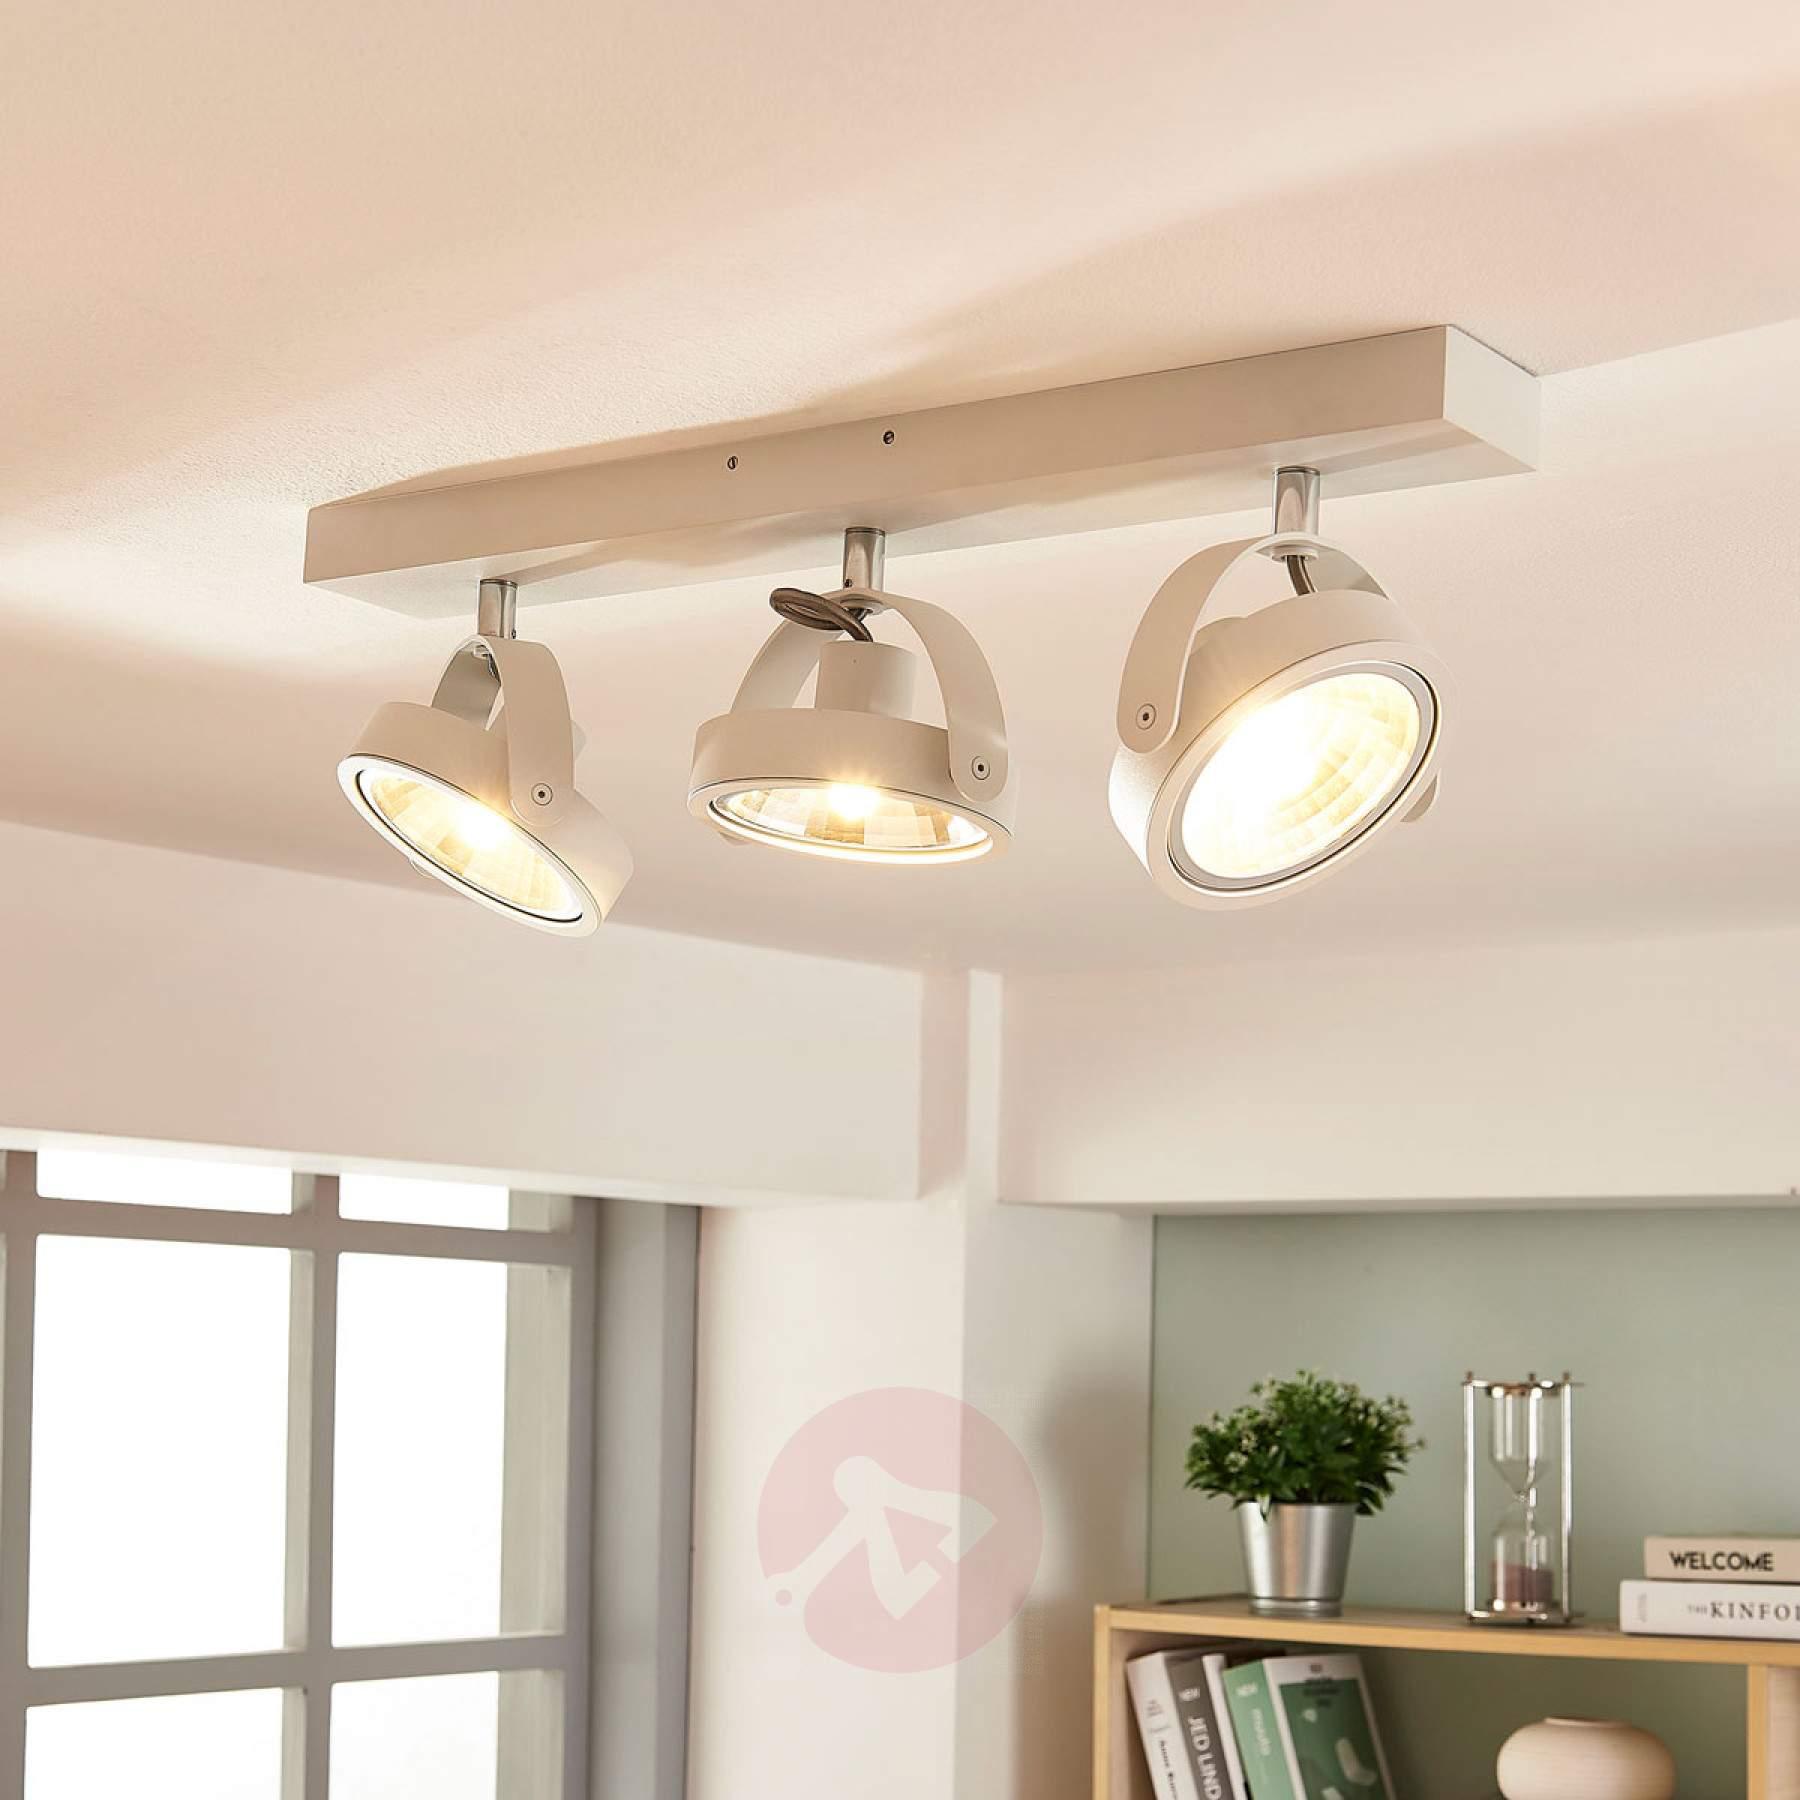 Full Size of Moderne Led Deckenlampe Lieven In Wei Kaufen Lampenweltde Schlafzimmer Küche Holz Modern Deckenleuchte Wohnzimmer Deckenlampen Weiss Für Esstisch Tapete Wohnzimmer Deckenlampe Modern